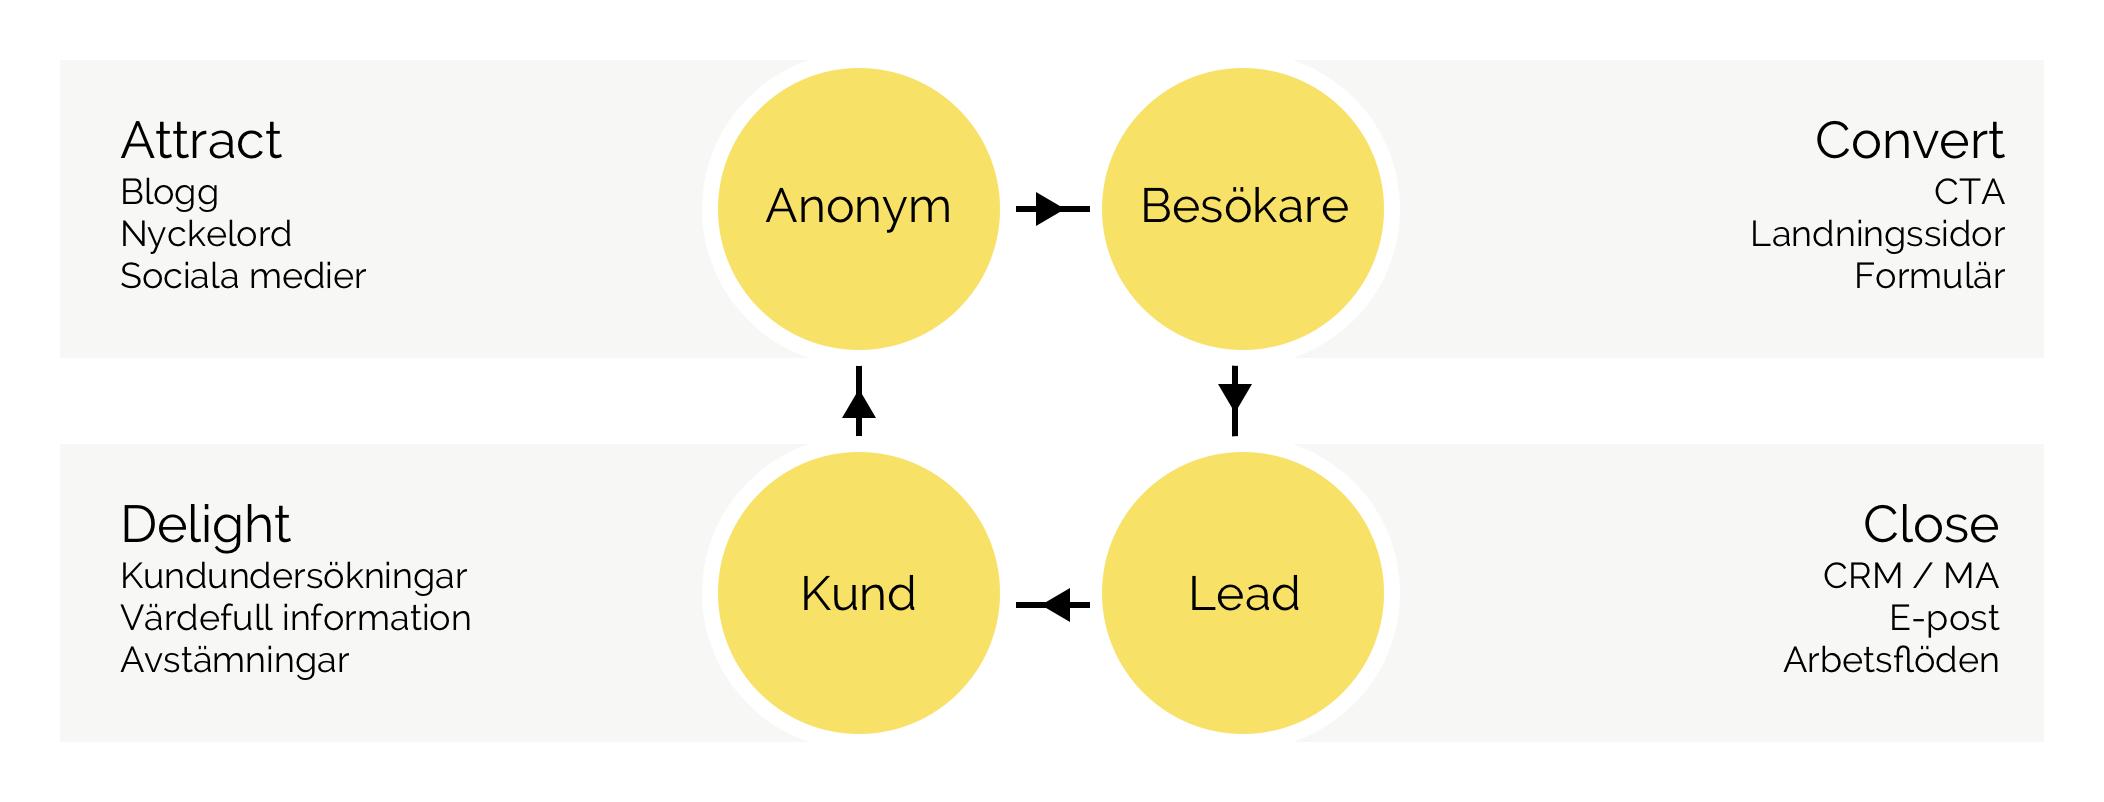 inbound-marketing-knowit